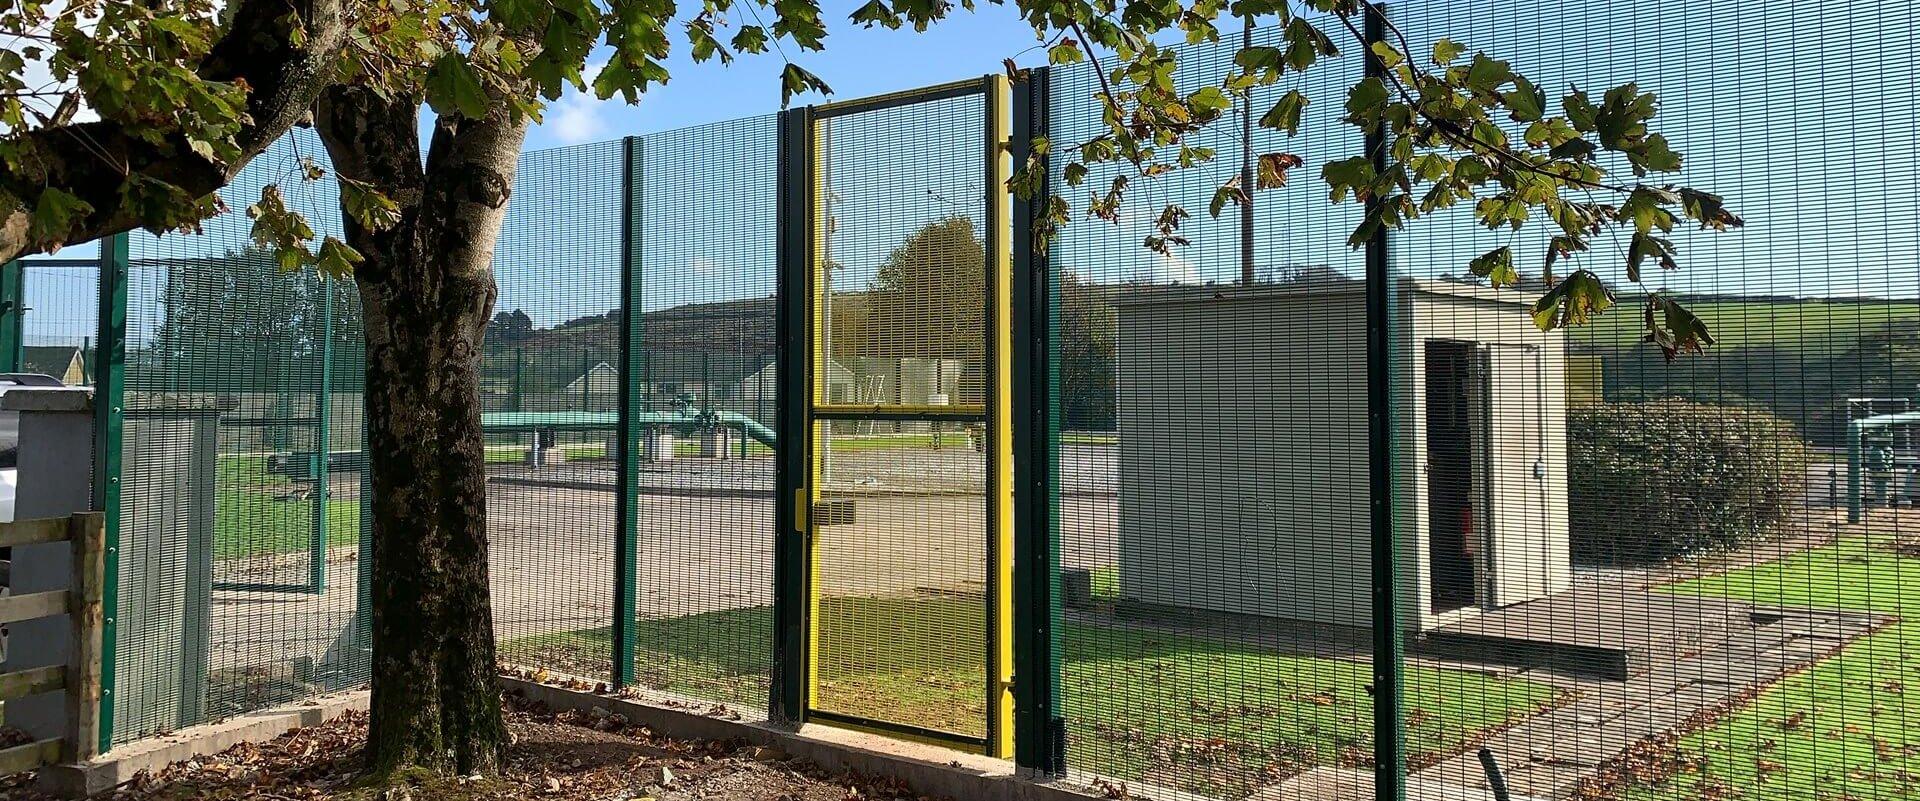 Prison Mesh AGI Gate